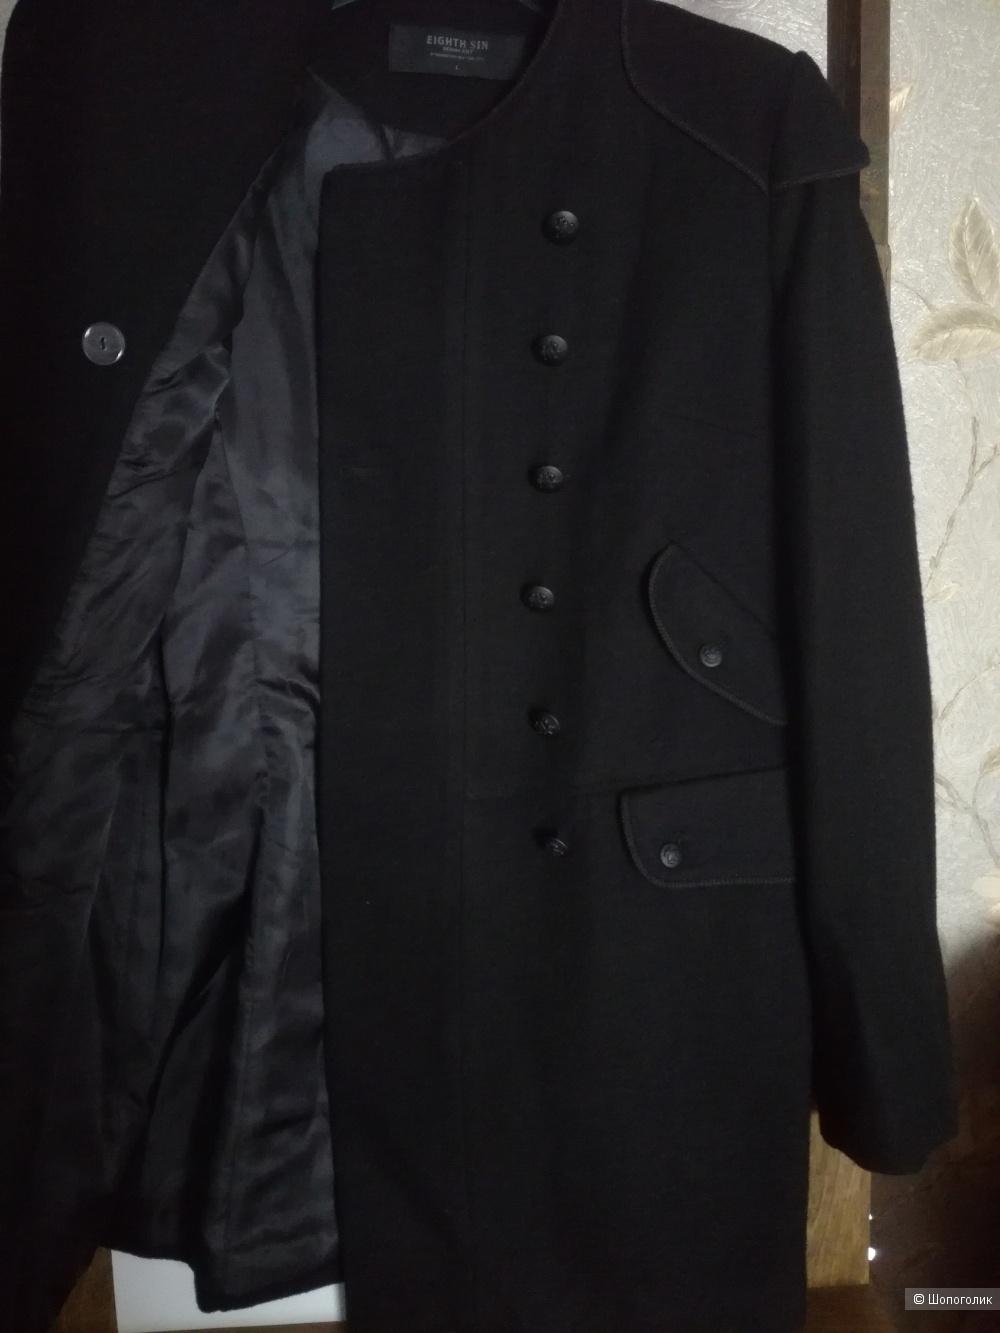 Пальто EIGHTH SIN размер 44-46